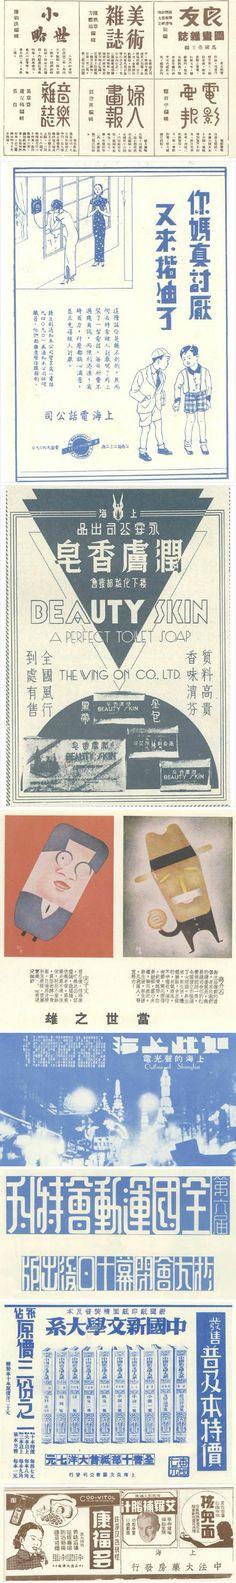 设: 1912-1949之中国平面设计。字体好美。_RED-HOME